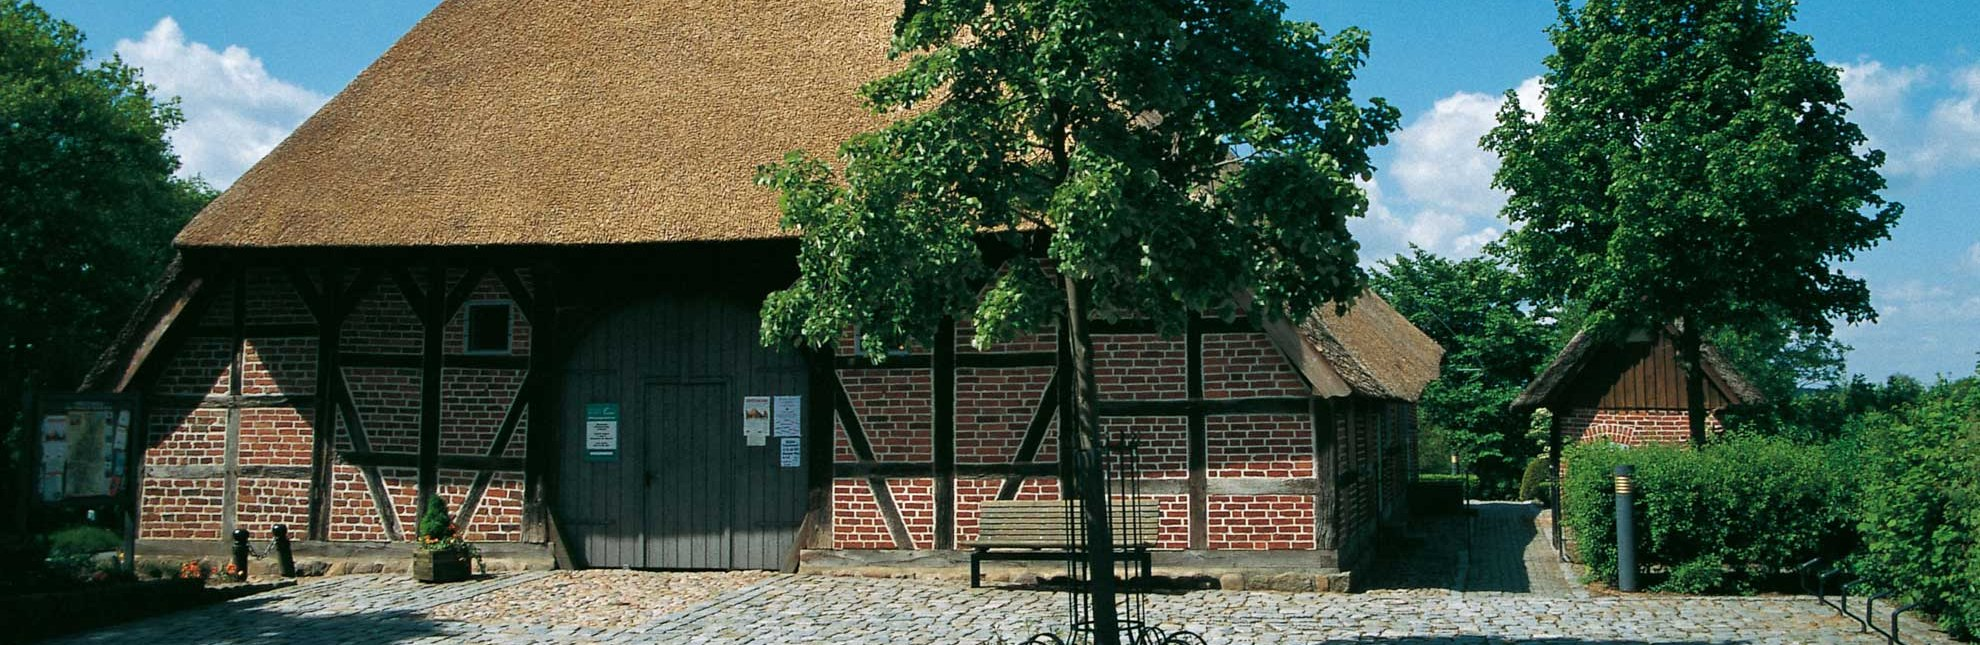 Die Priesterkate in Büchen-Dorf, © Sven Mersiowski/ HLMS